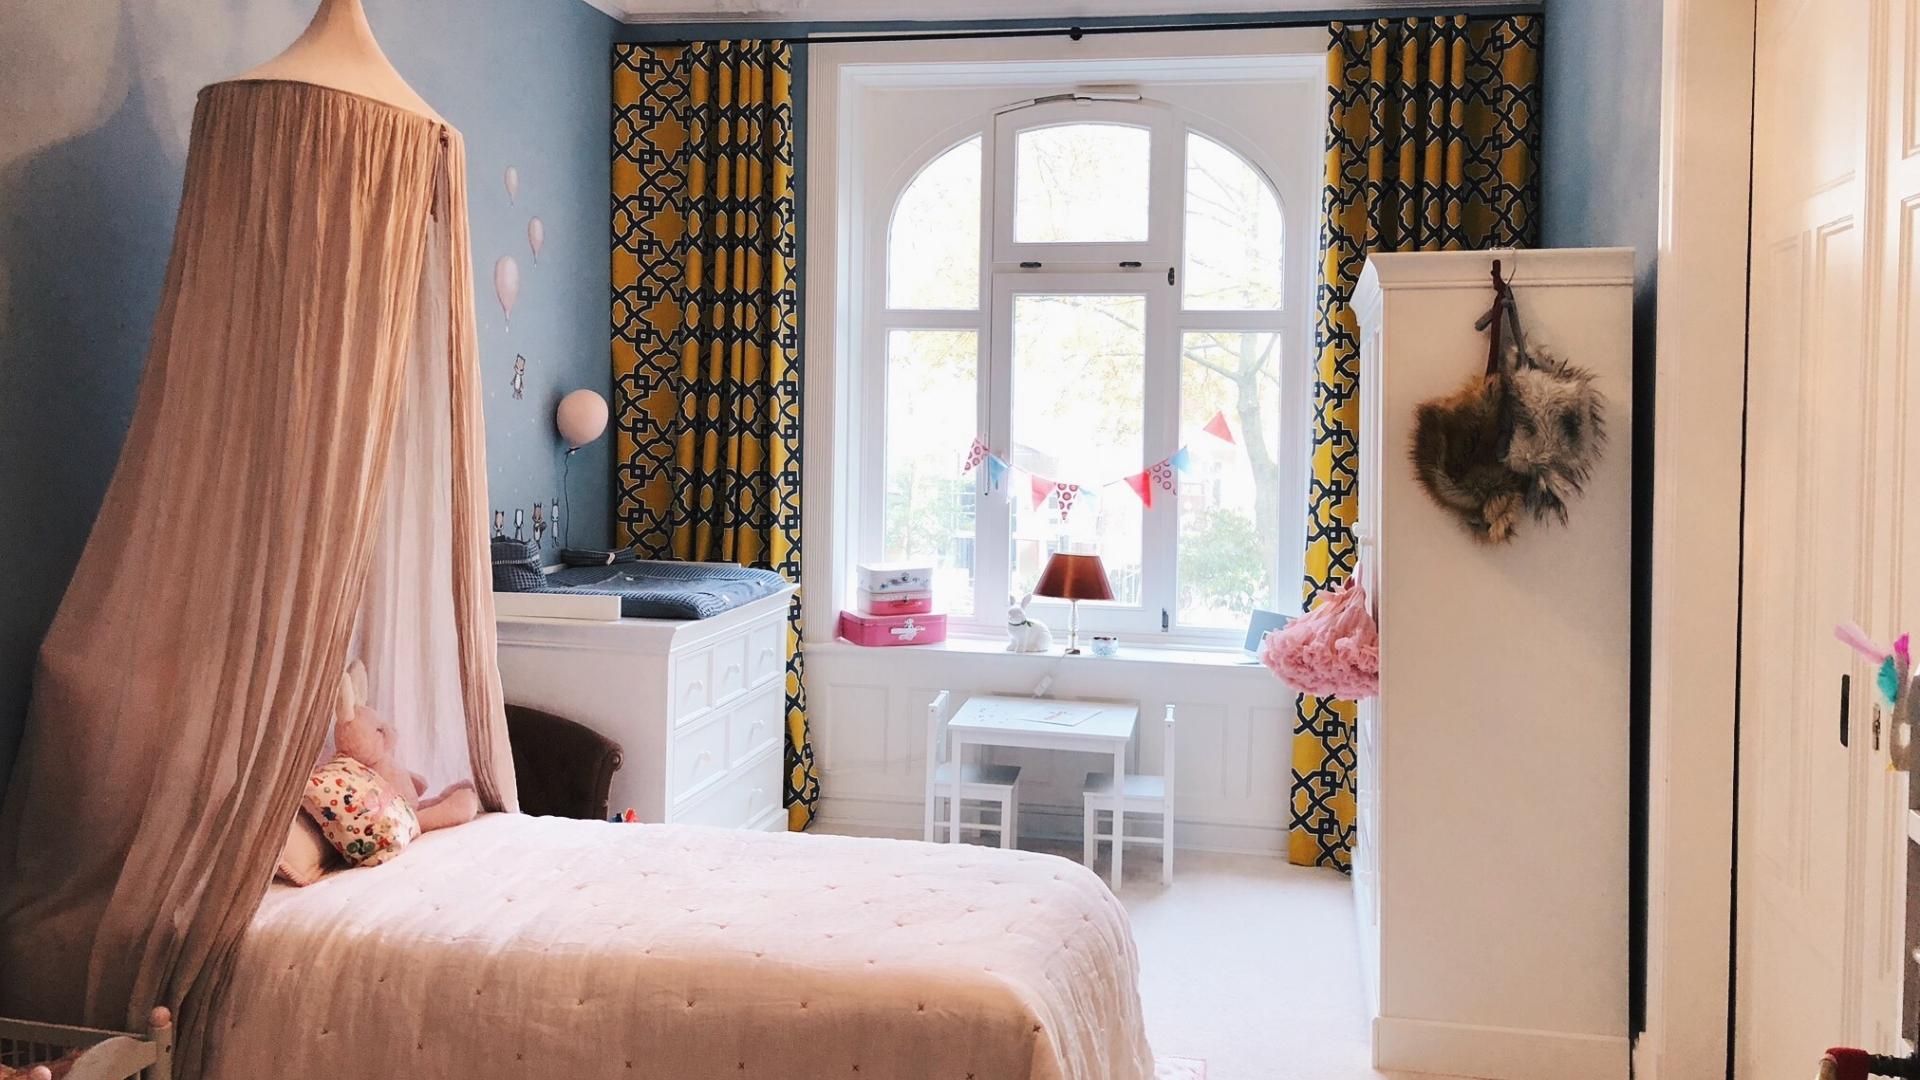 Full Size of Kinderzimmer Einrichtung Echte Mamas Regal Weiß Regale Sofa Kinderzimmer Kinderzimmer Einrichtung